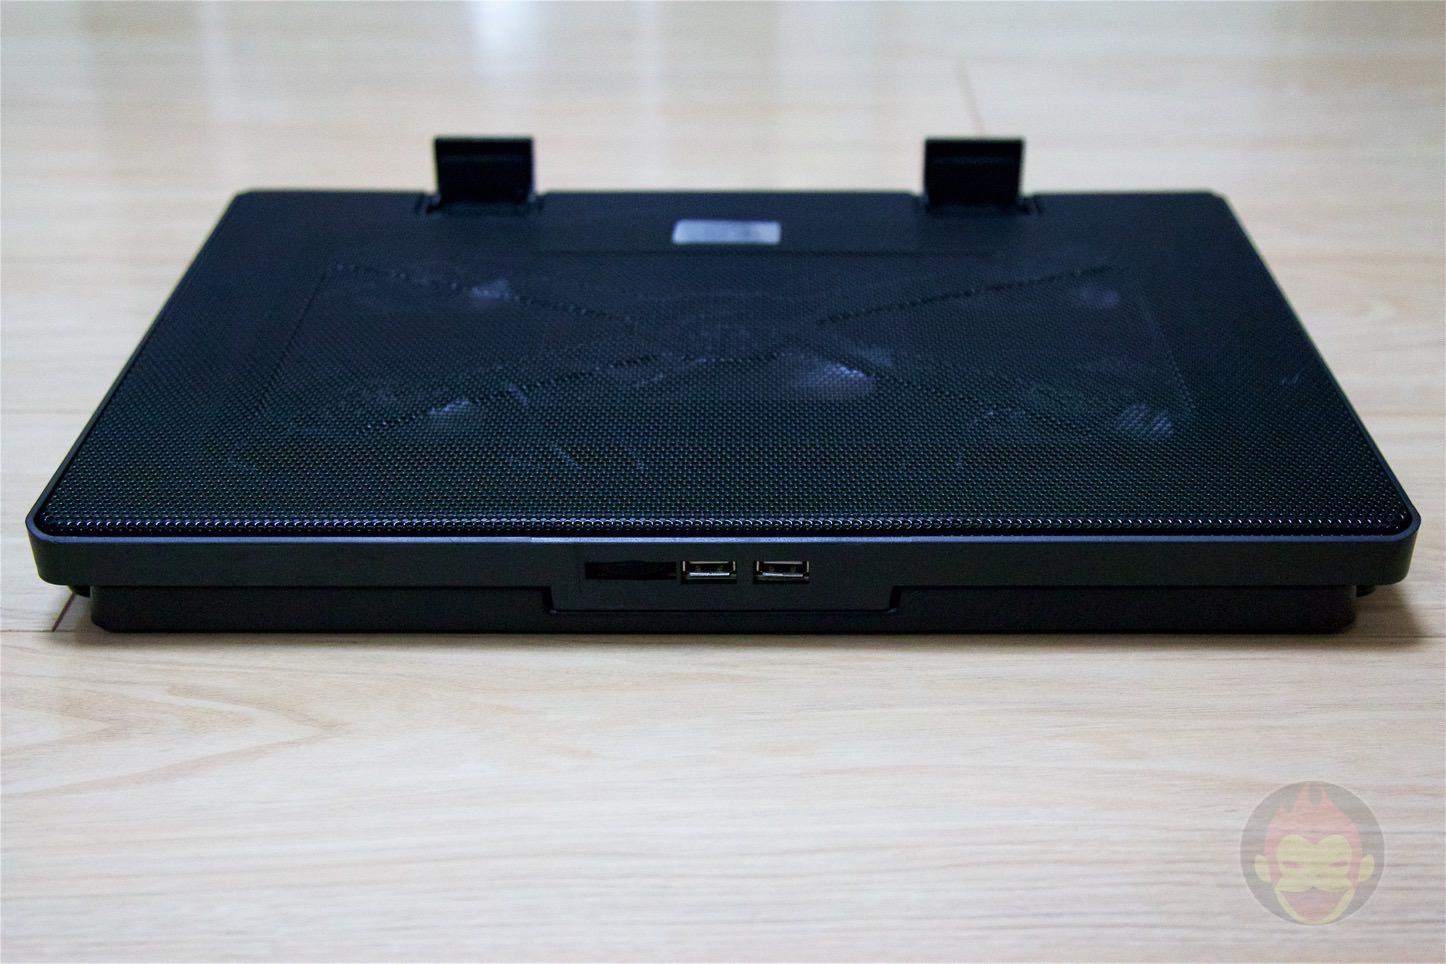 FONESO-fan-Stand-for-Mac-PC-06.jpg